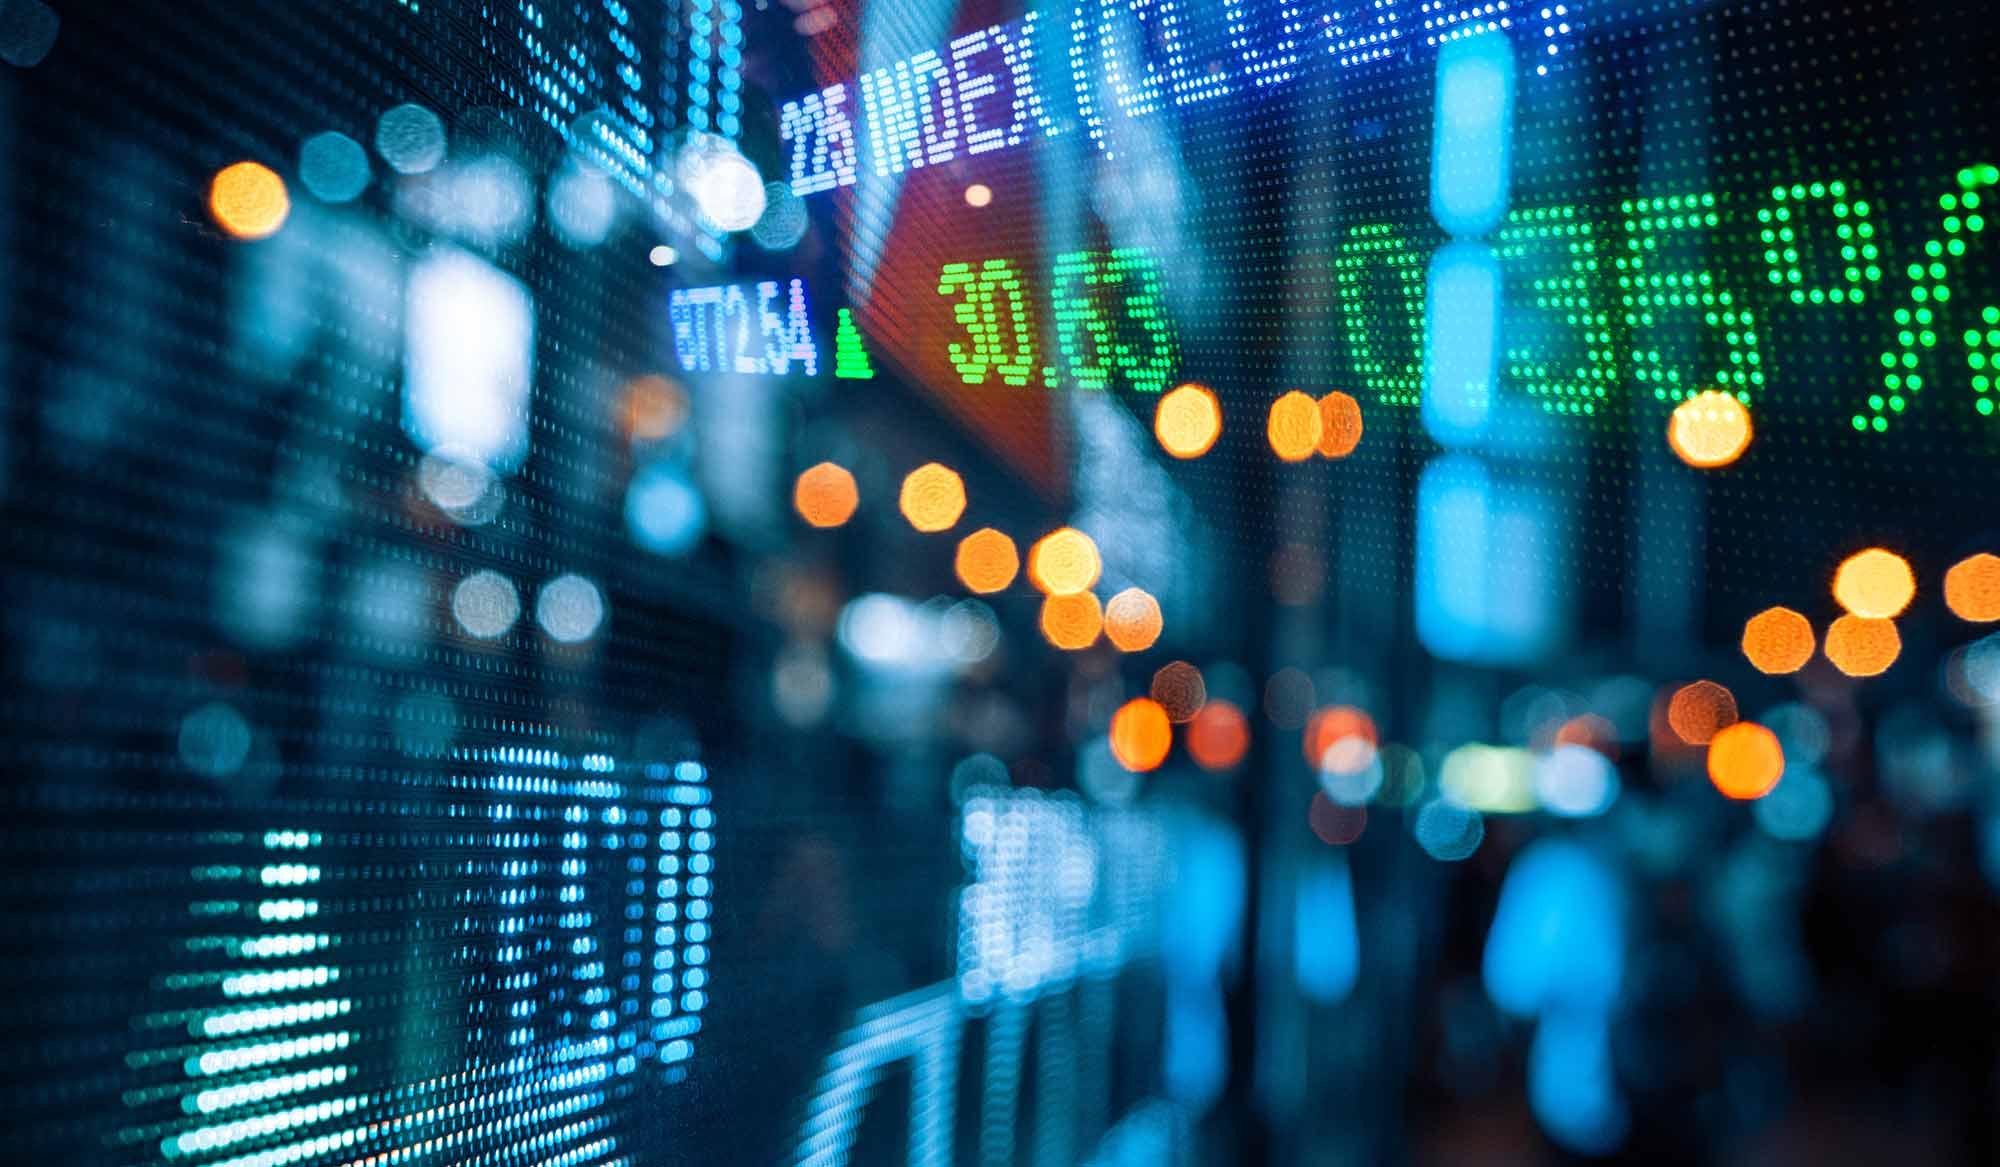 جای خالی «بورس» در مناظره اقتصادی/ برنامه «دولت اقدام و تحول» برای سهامداران چیست؟